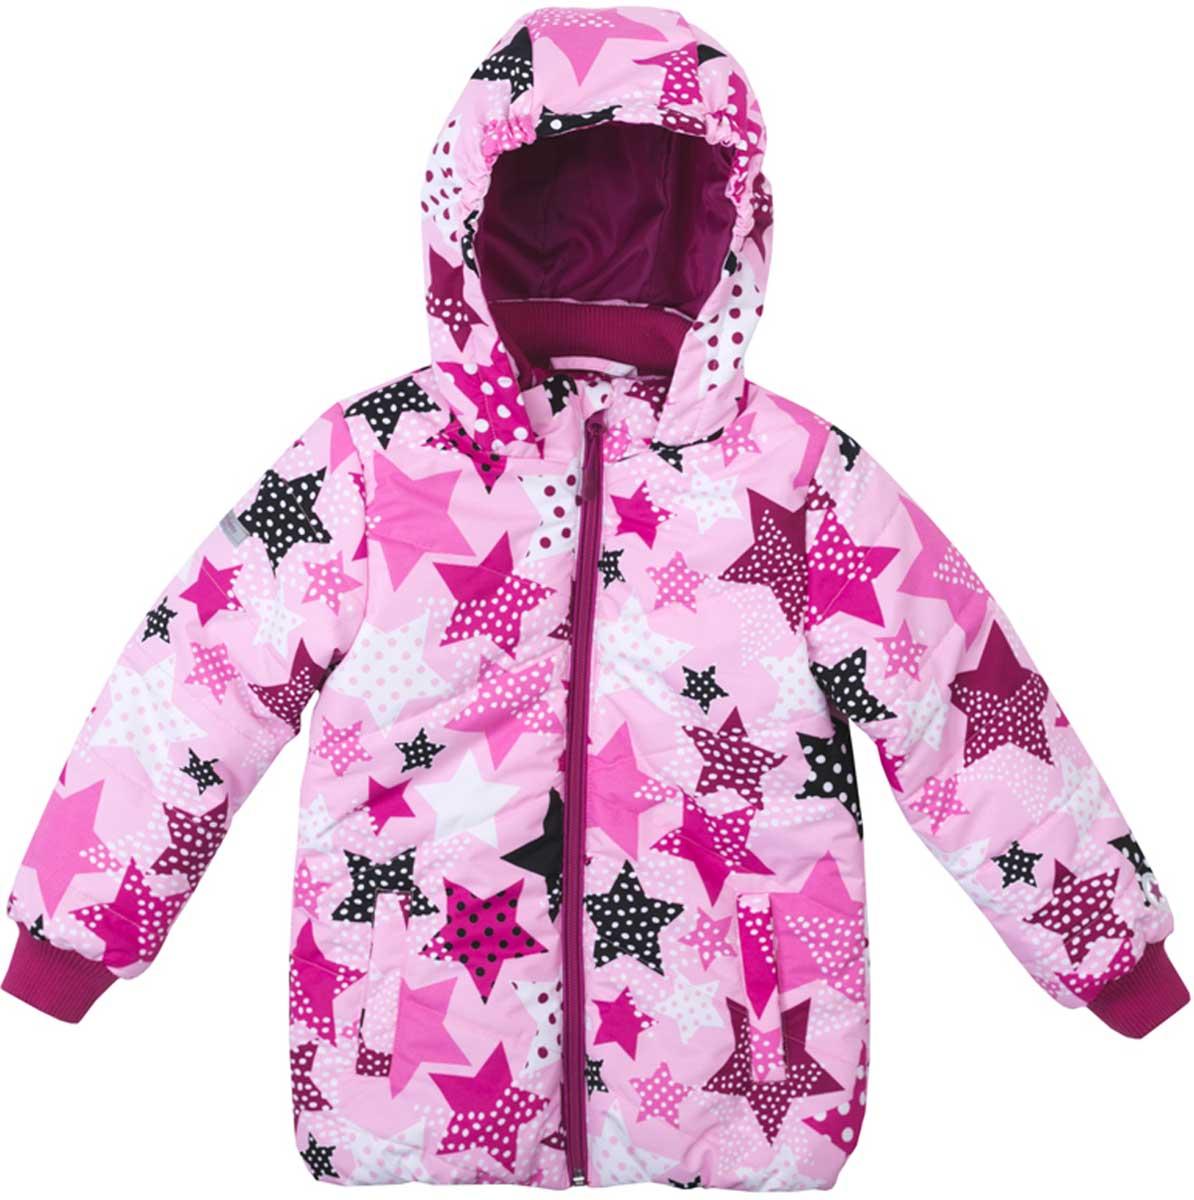 Куртка для девочки PlayToday, цвет: светло-розовый, розовый, белый, черный. 172051. Размер 104172051Яркая стильная утепленная куртка со специальной водоотталкивающей пропиткой защитит вашего ребенка в любую погоду! Мягкие трикотажные резинки на рукавах защитят вашего ребенка - ветер не сможет проникнуть под куртку. Специальный карман для фиксации застежки-молнии не позволит застежке травмировать нежную детскую кожу. За счет мягких резинок, капюшон не упадет с головы даже во время активных игр. Светоотражатели на рукаве и по низу изделия позволят видеть вашего ребенка даже в темное время суток.